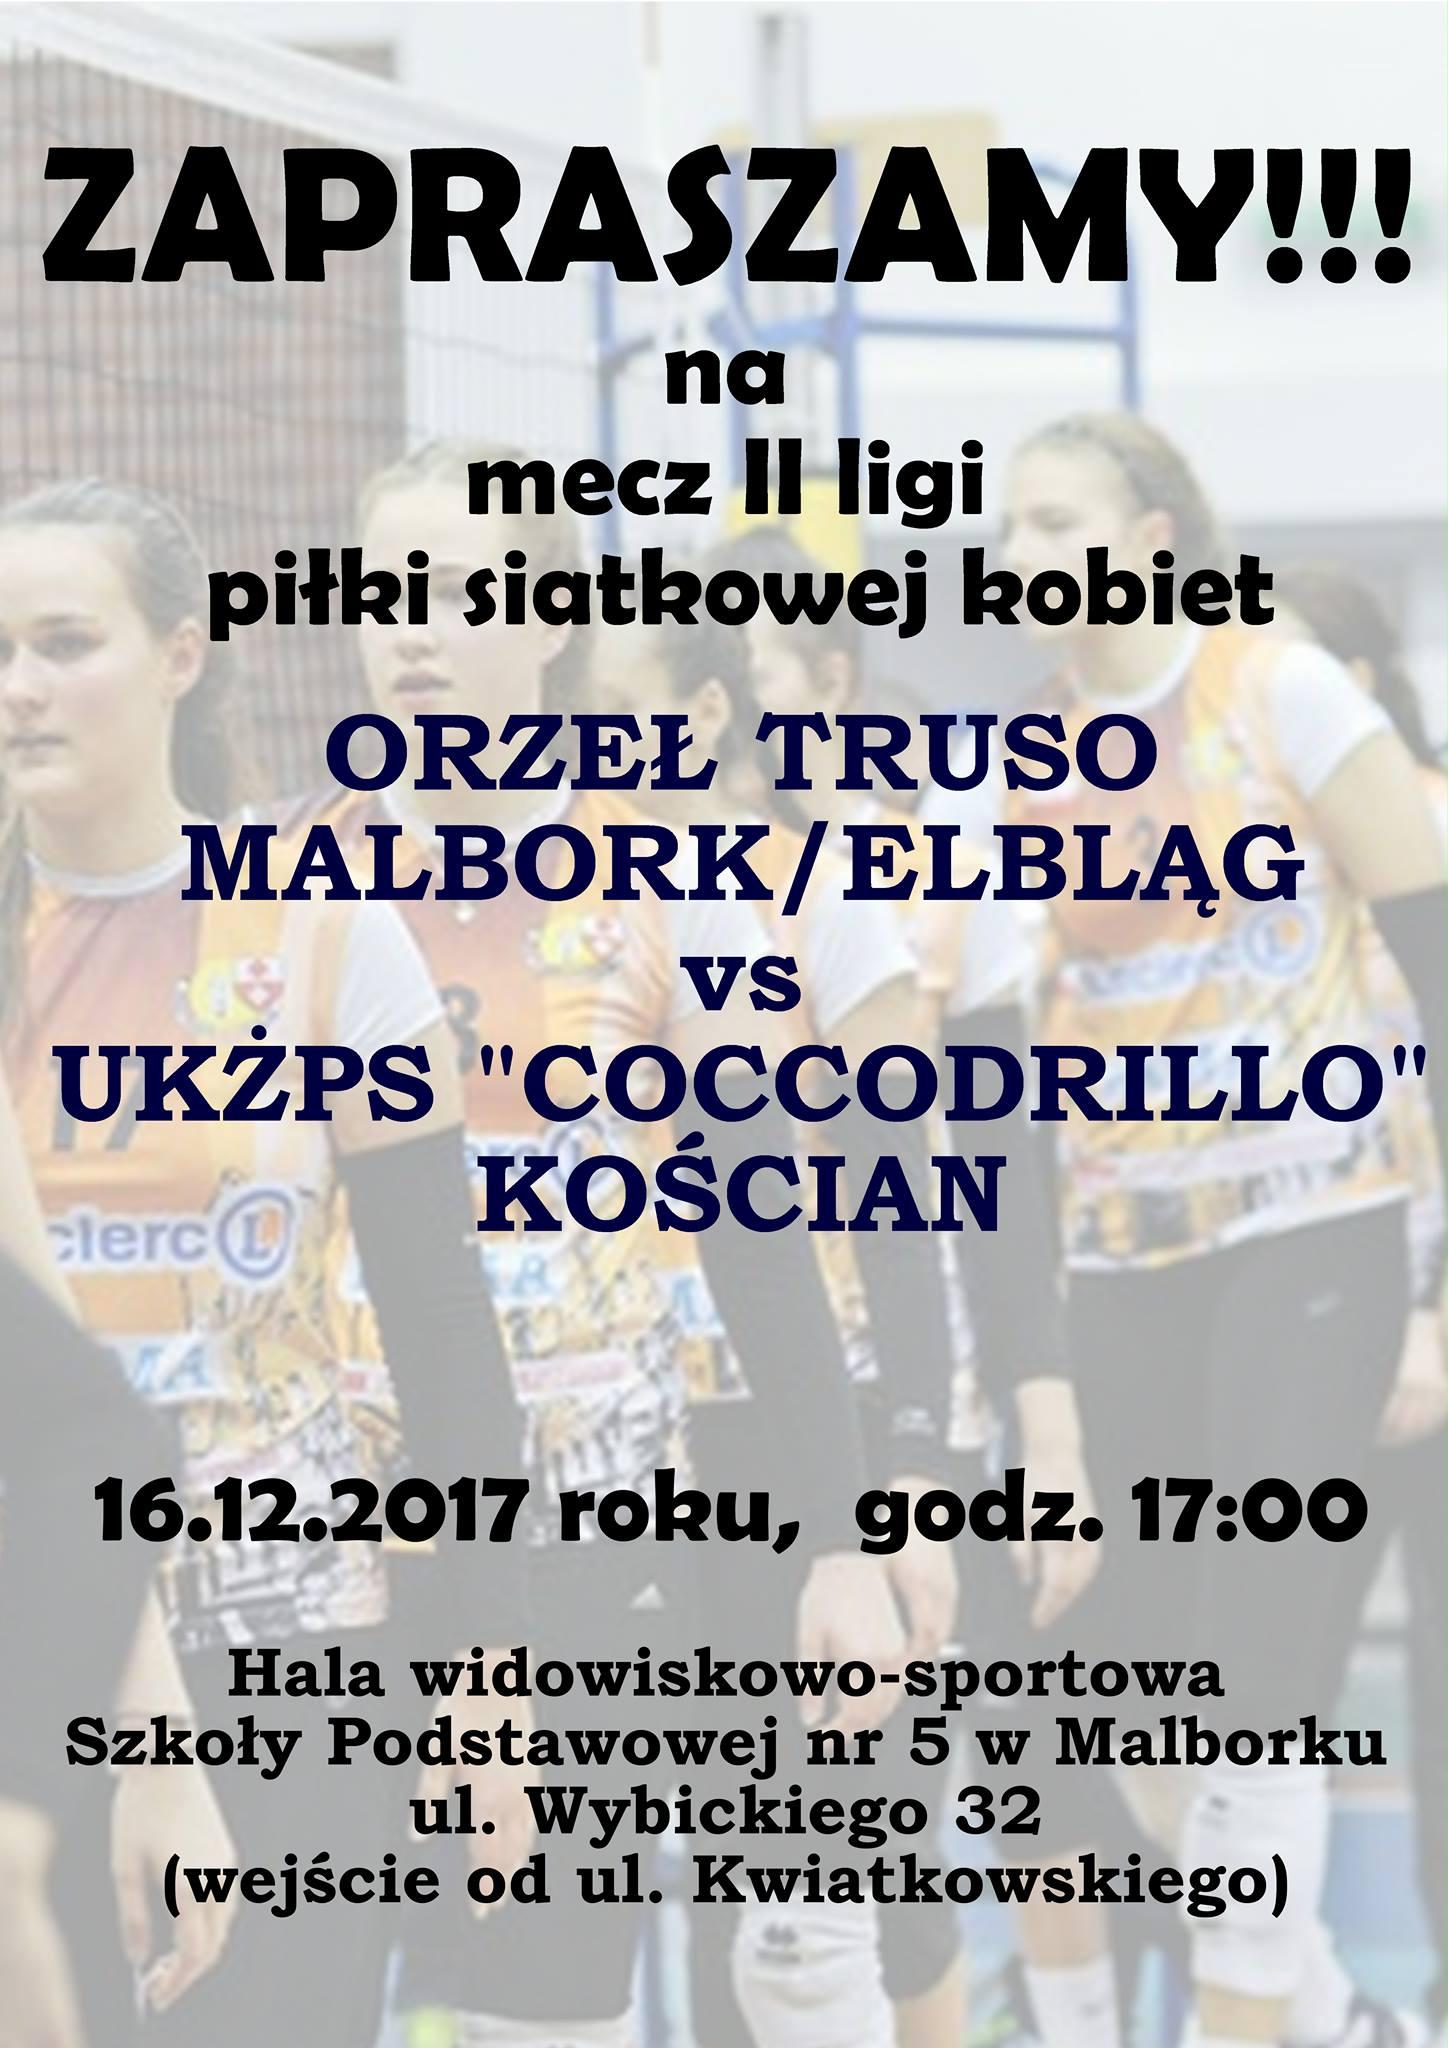 http://m.82-200.pl/2017/12/orig/plakat-2150.jpg